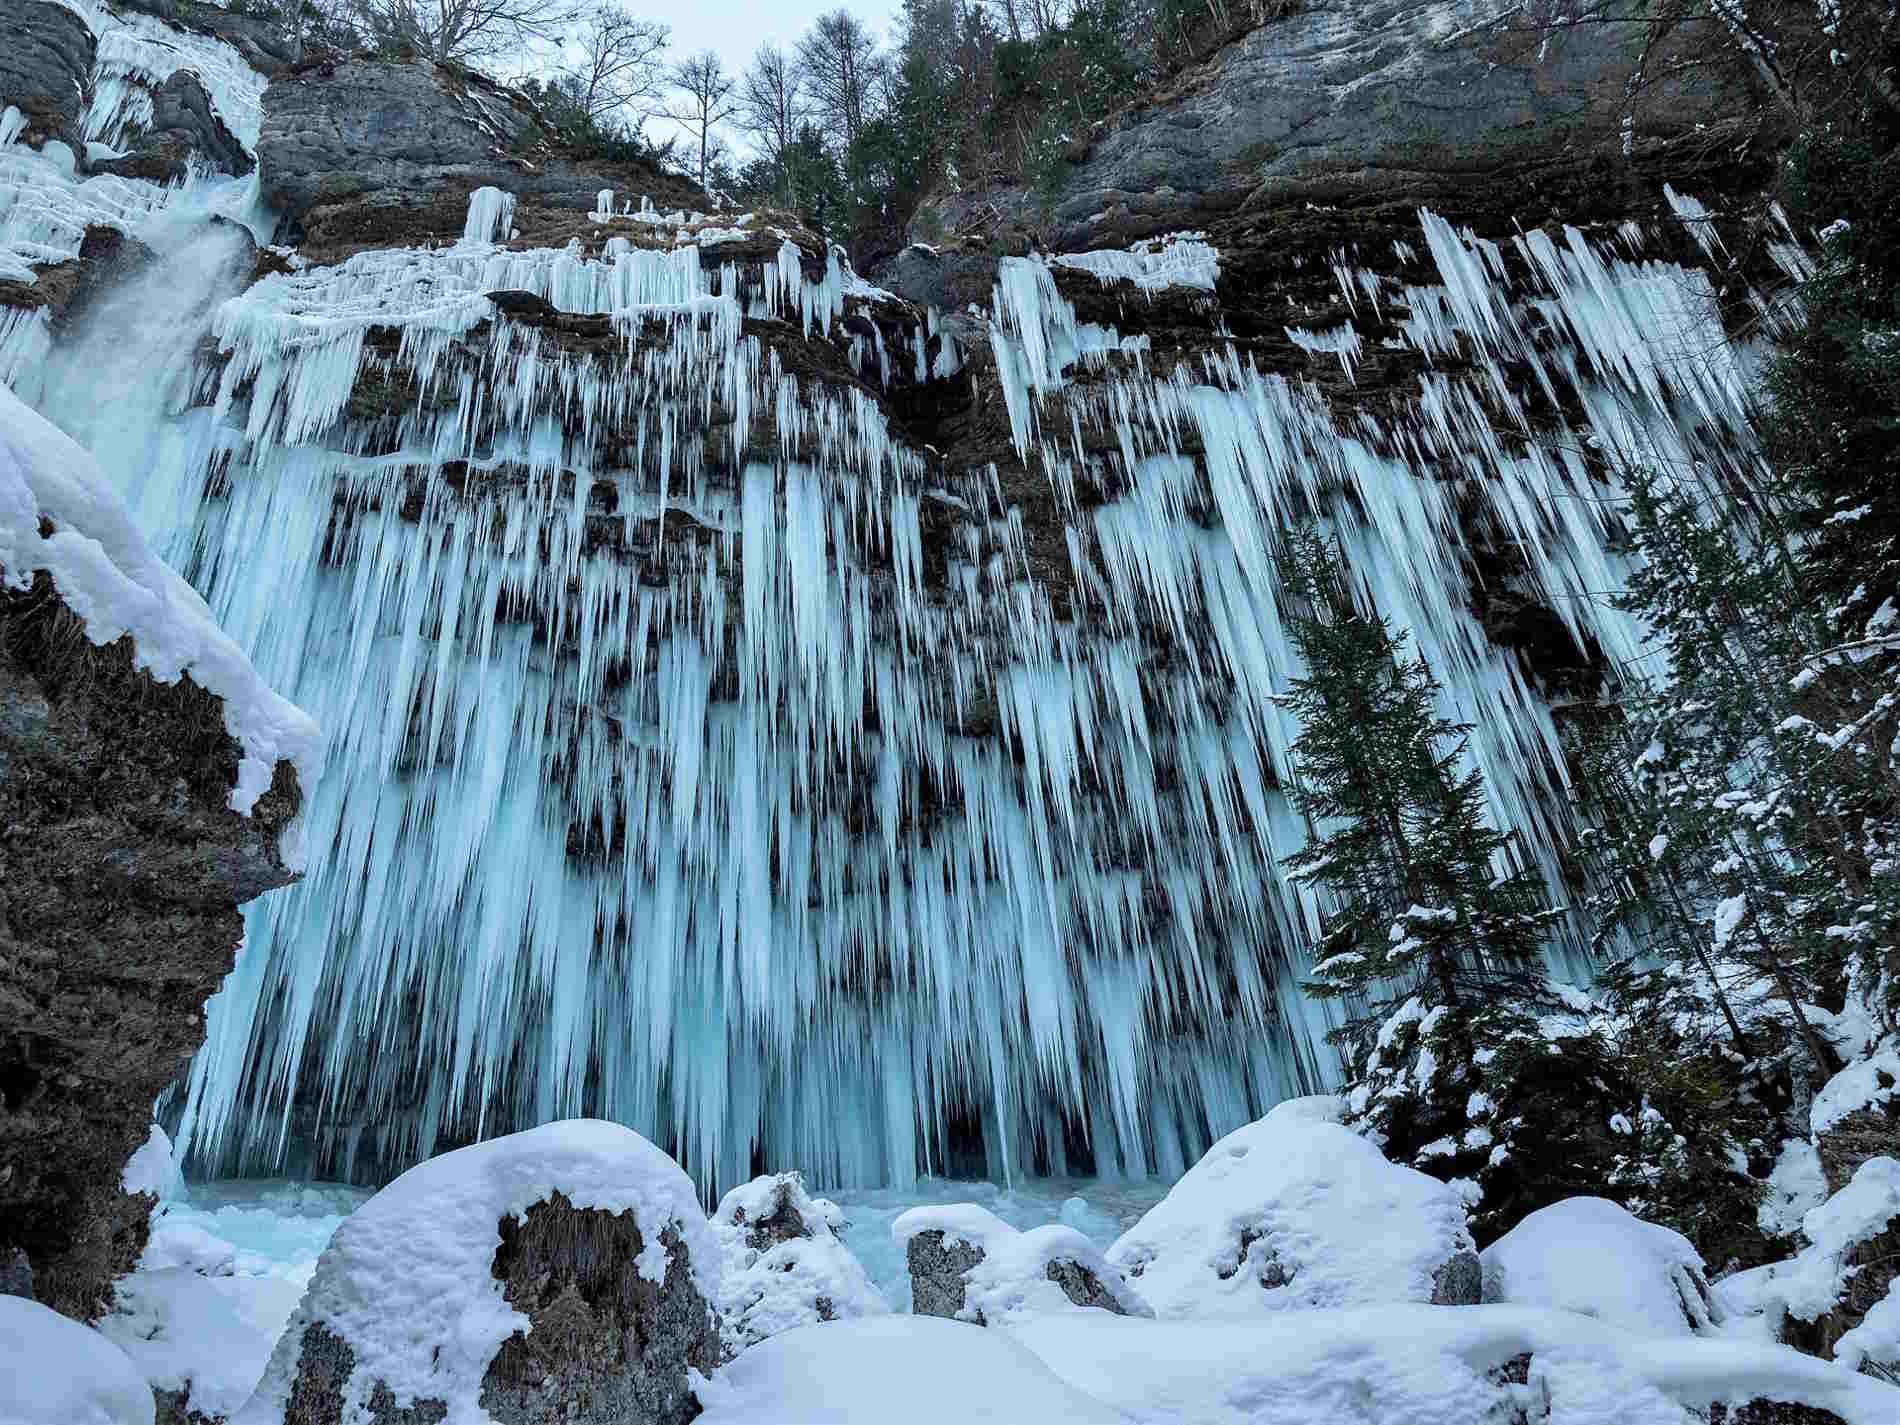 Cose da vedere in Slovenia in inverno le cascate ghiacciate di Slap Pericnick